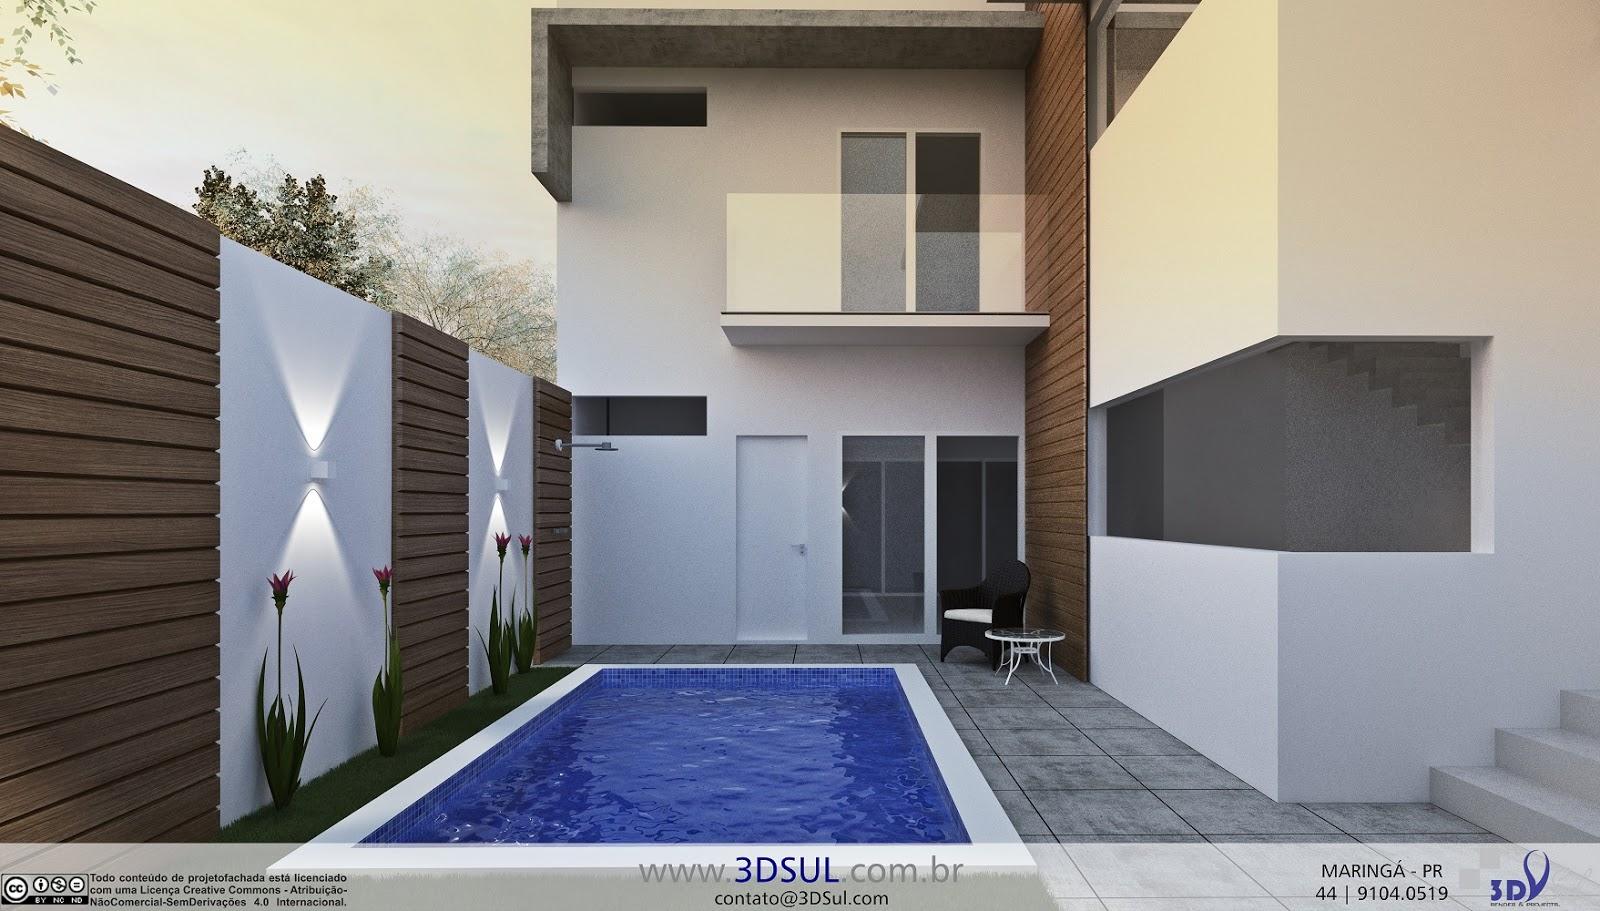 3dsul maquete eletr nica 3d projeto arquitetonico 3d for Casa moderna 2015 orari